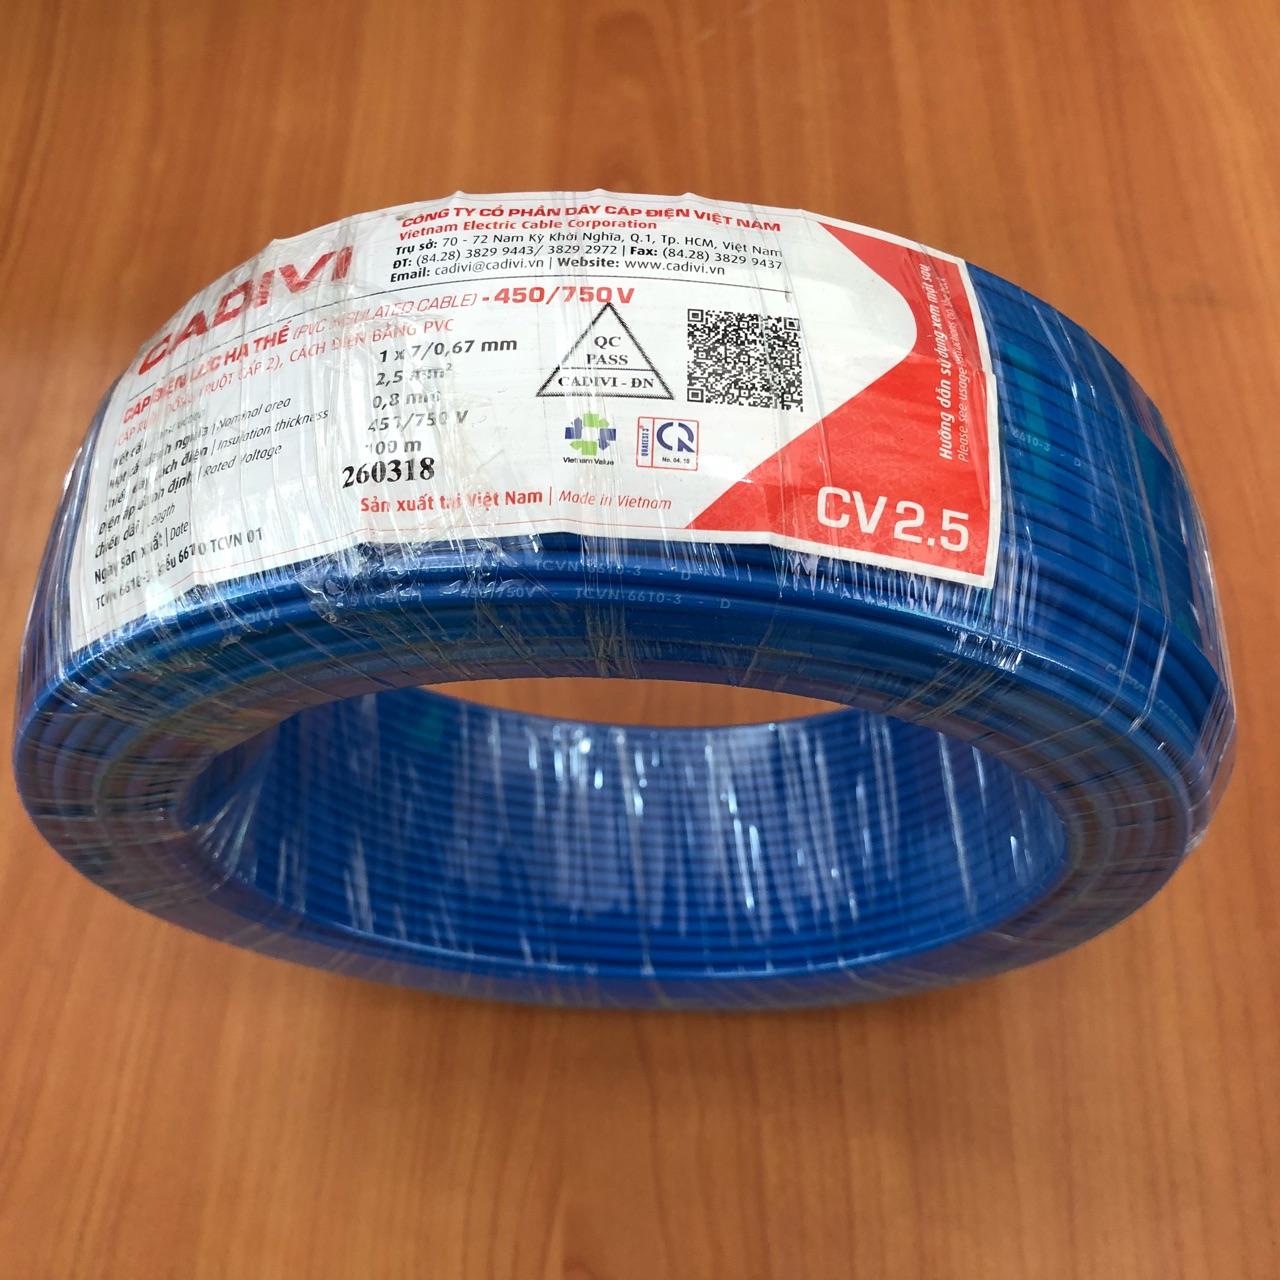 Cuộn 100m dây điện đơn CV 2.5 - 0,6/1kV màu xanh dương Cadivi, ruột đồng vỏ bọc nhựa pvc Cadivi